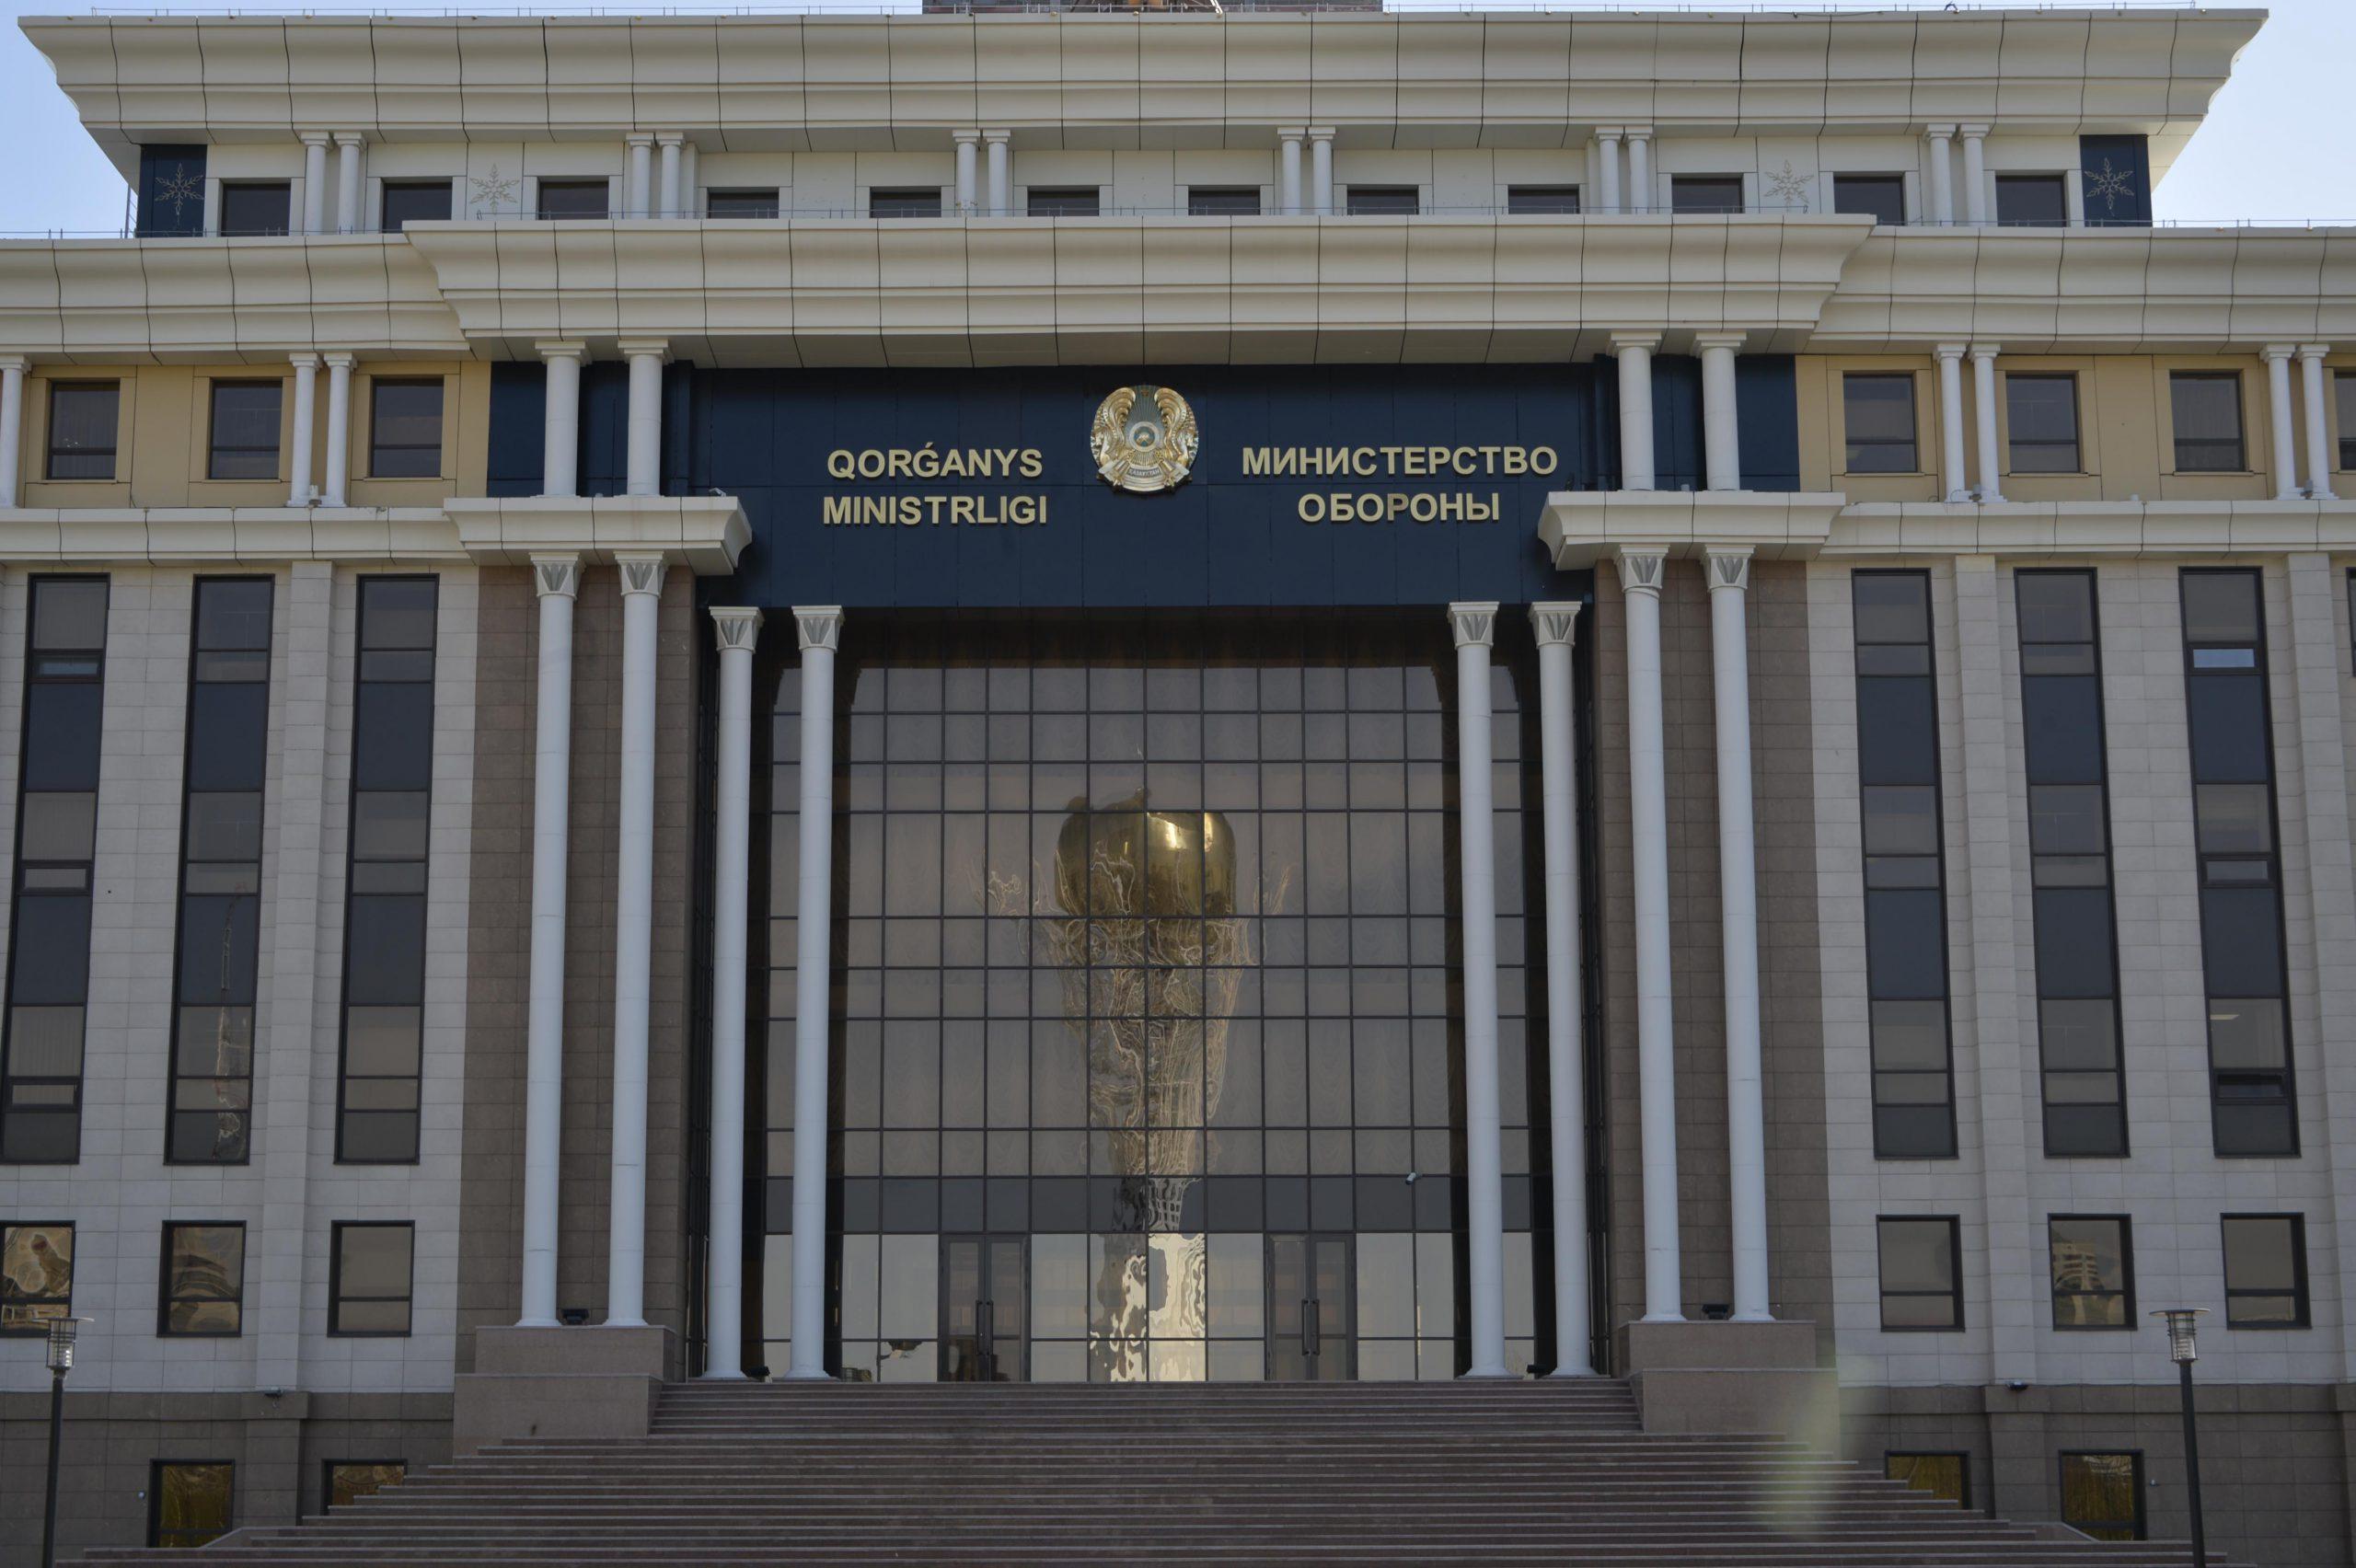 Казахстан стремится к развитию партнёрства в области обороны и безопасности